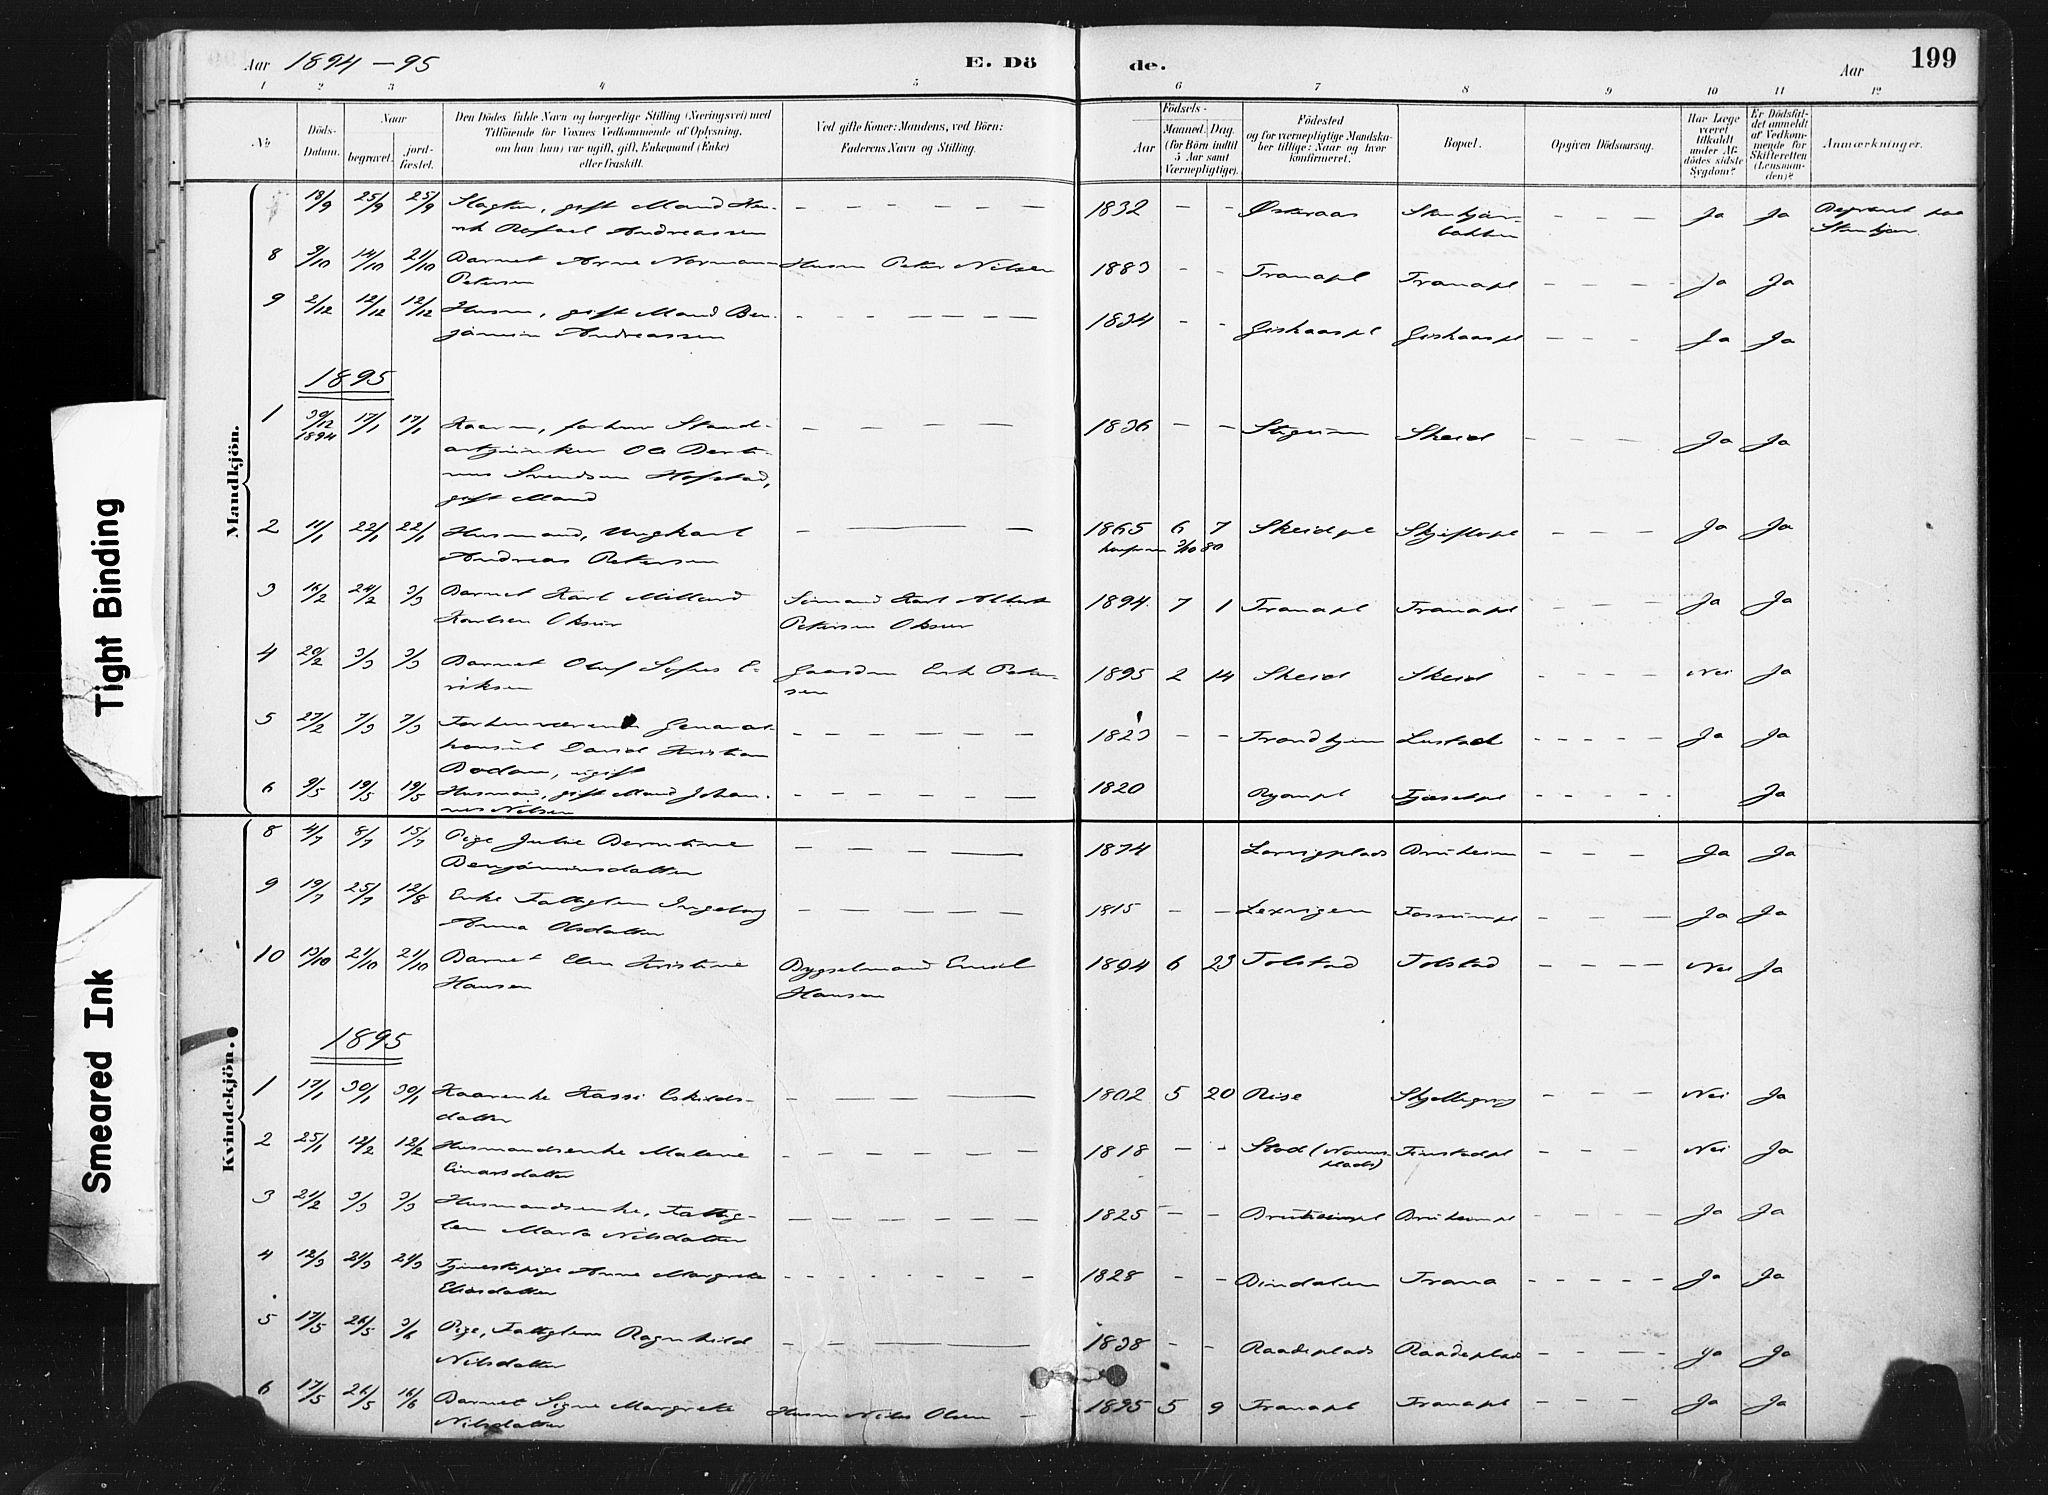 SAT, Ministerialprotokoller, klokkerbøker og fødselsregistre - Nord-Trøndelag, 736/L0361: Ministerialbok nr. 736A01, 1884-1906, s. 199